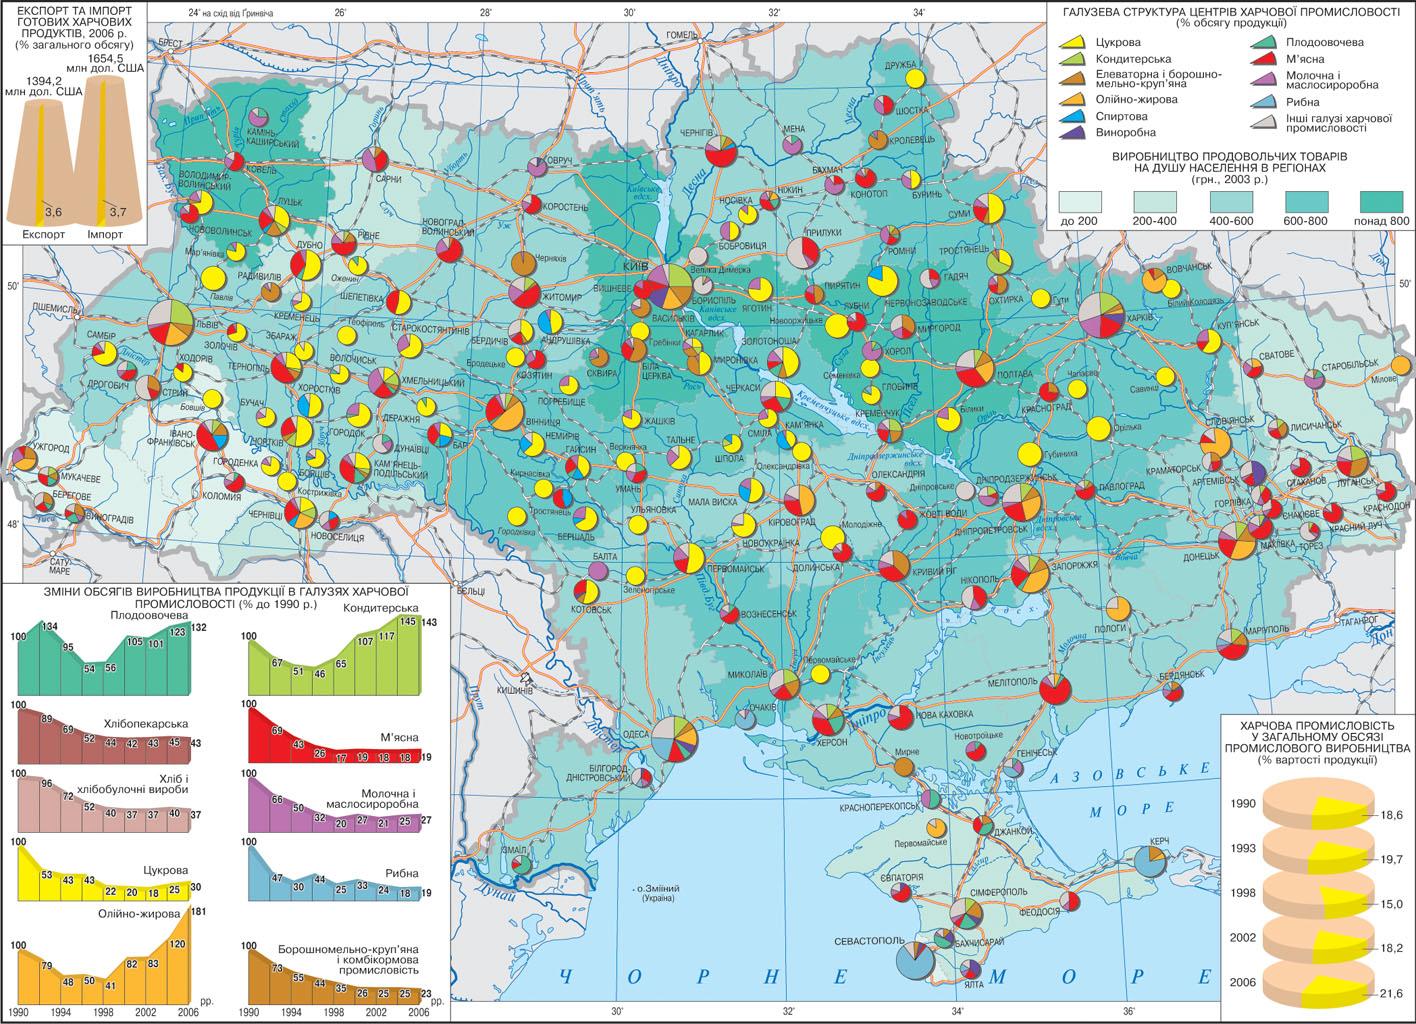 Пищевая промышленность Украины карта